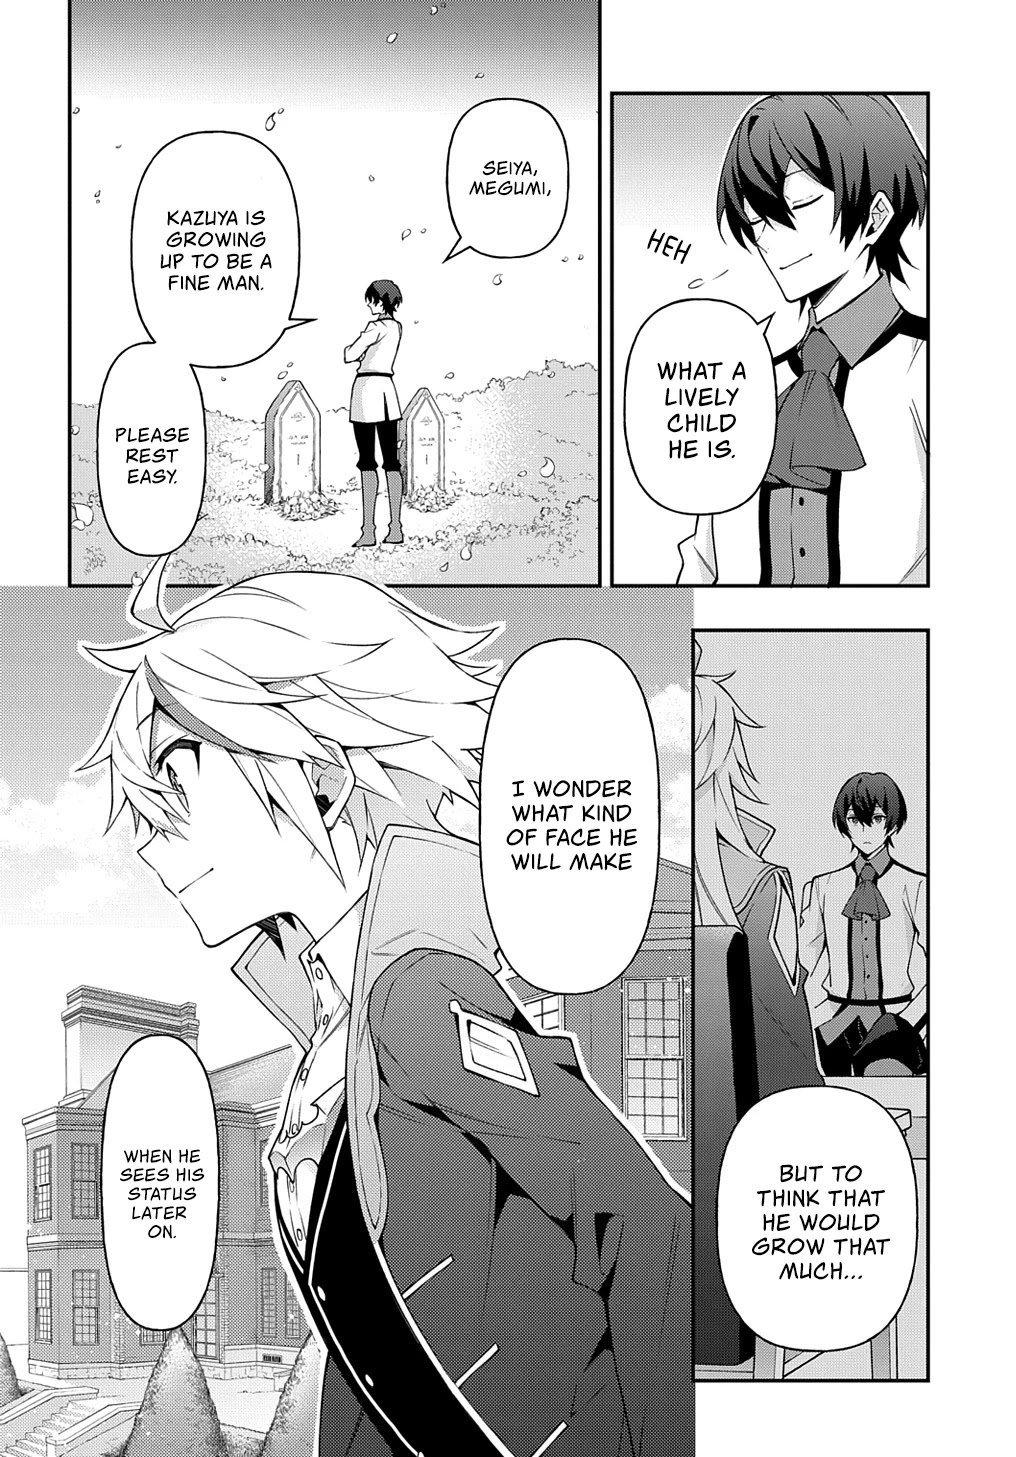 Manga Tensei Kizoku no Isekai Boukenroku ~Jichou wo Shiranai Kamigami no Shito~ - Chapter 26 Page 29